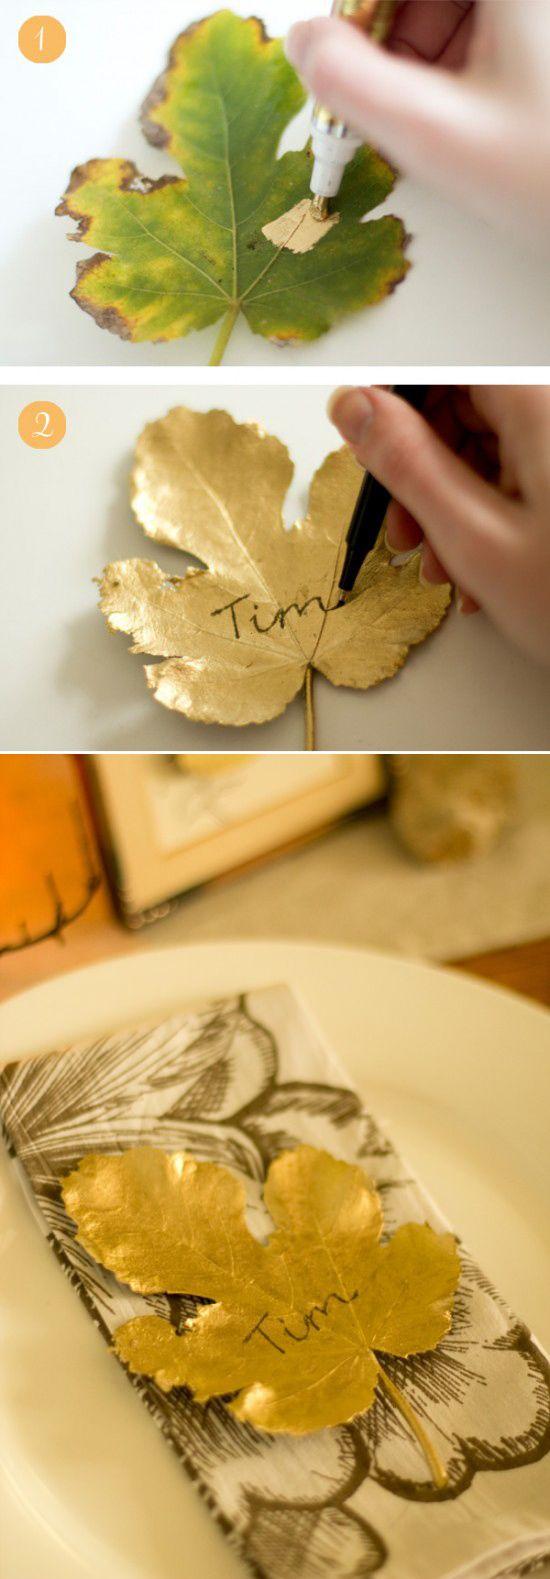 Diy Fall Wedding Ideas 8 Fun And Easy Diy Fall Wedding Decoration Ideas Deer Pearl Flowers